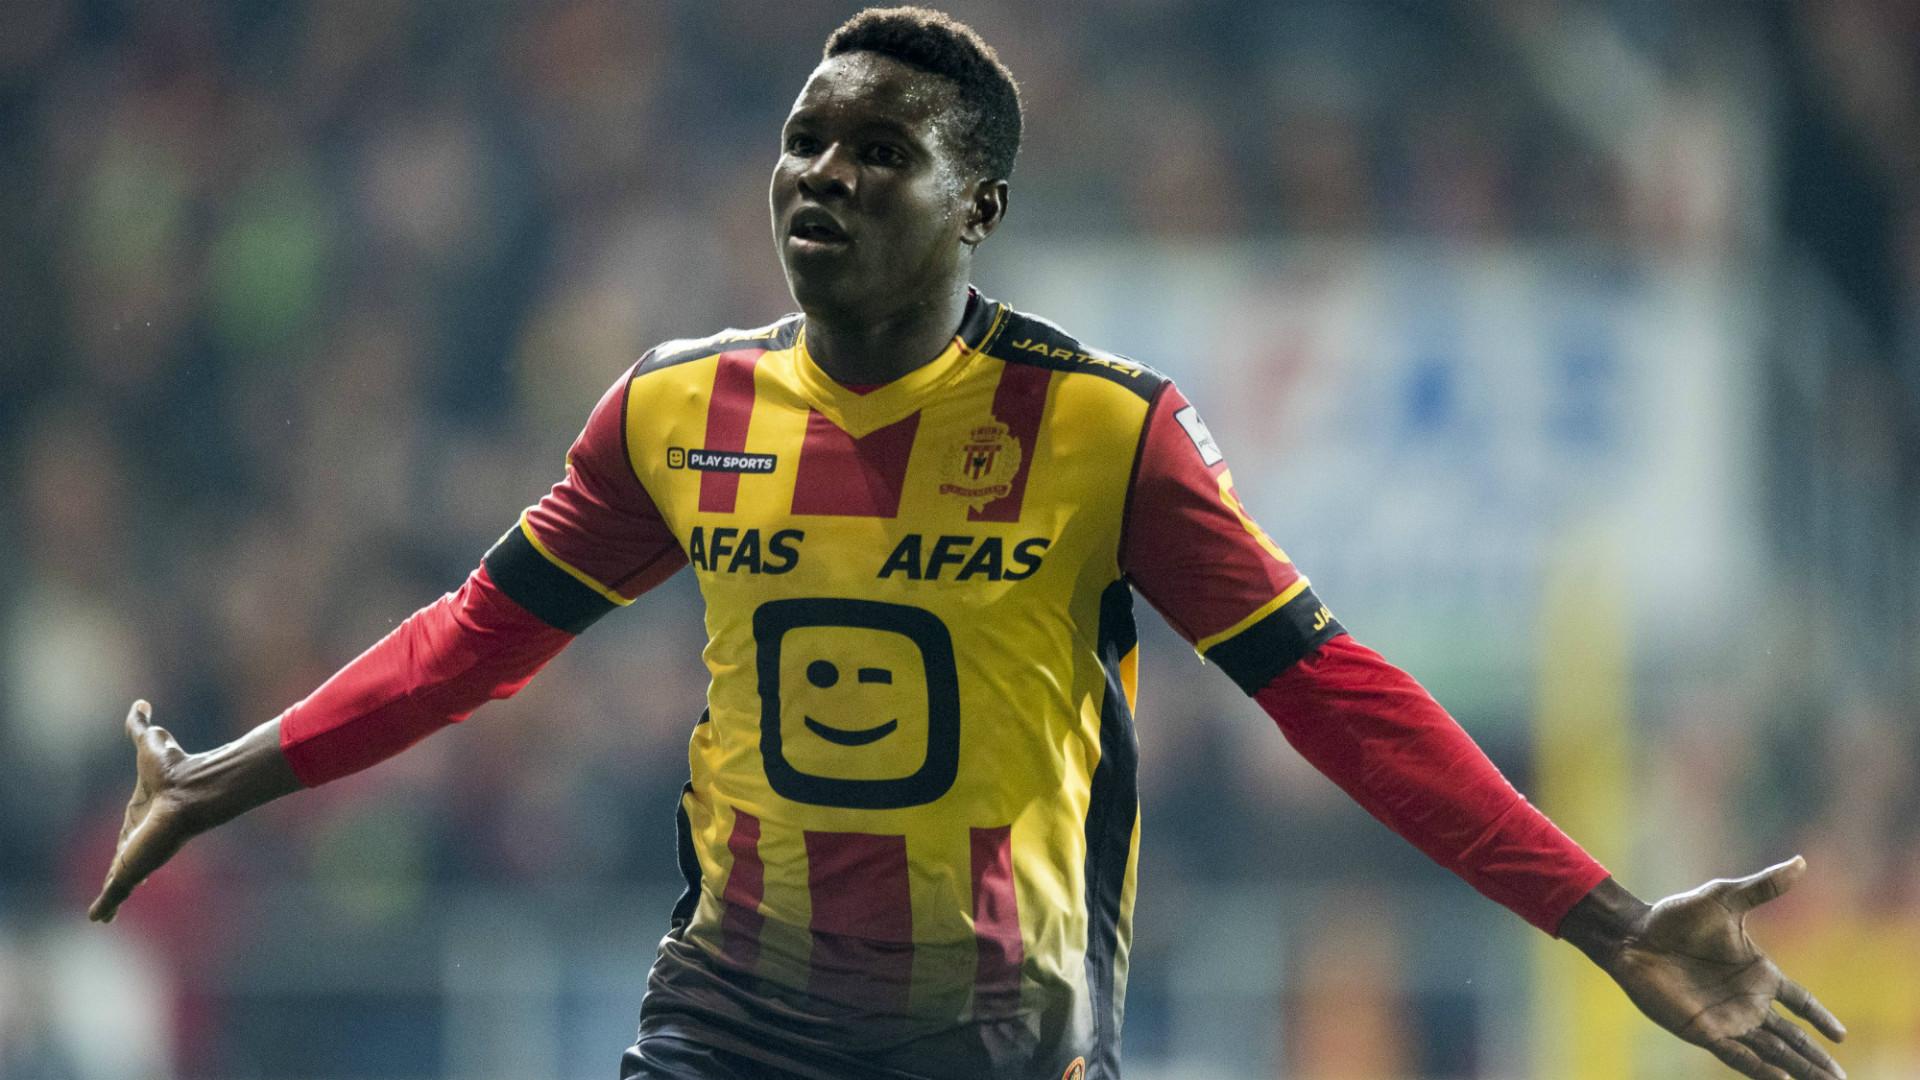 La révélation, Hassane Bandé paraphe un contrat avec Ajax — Mercato